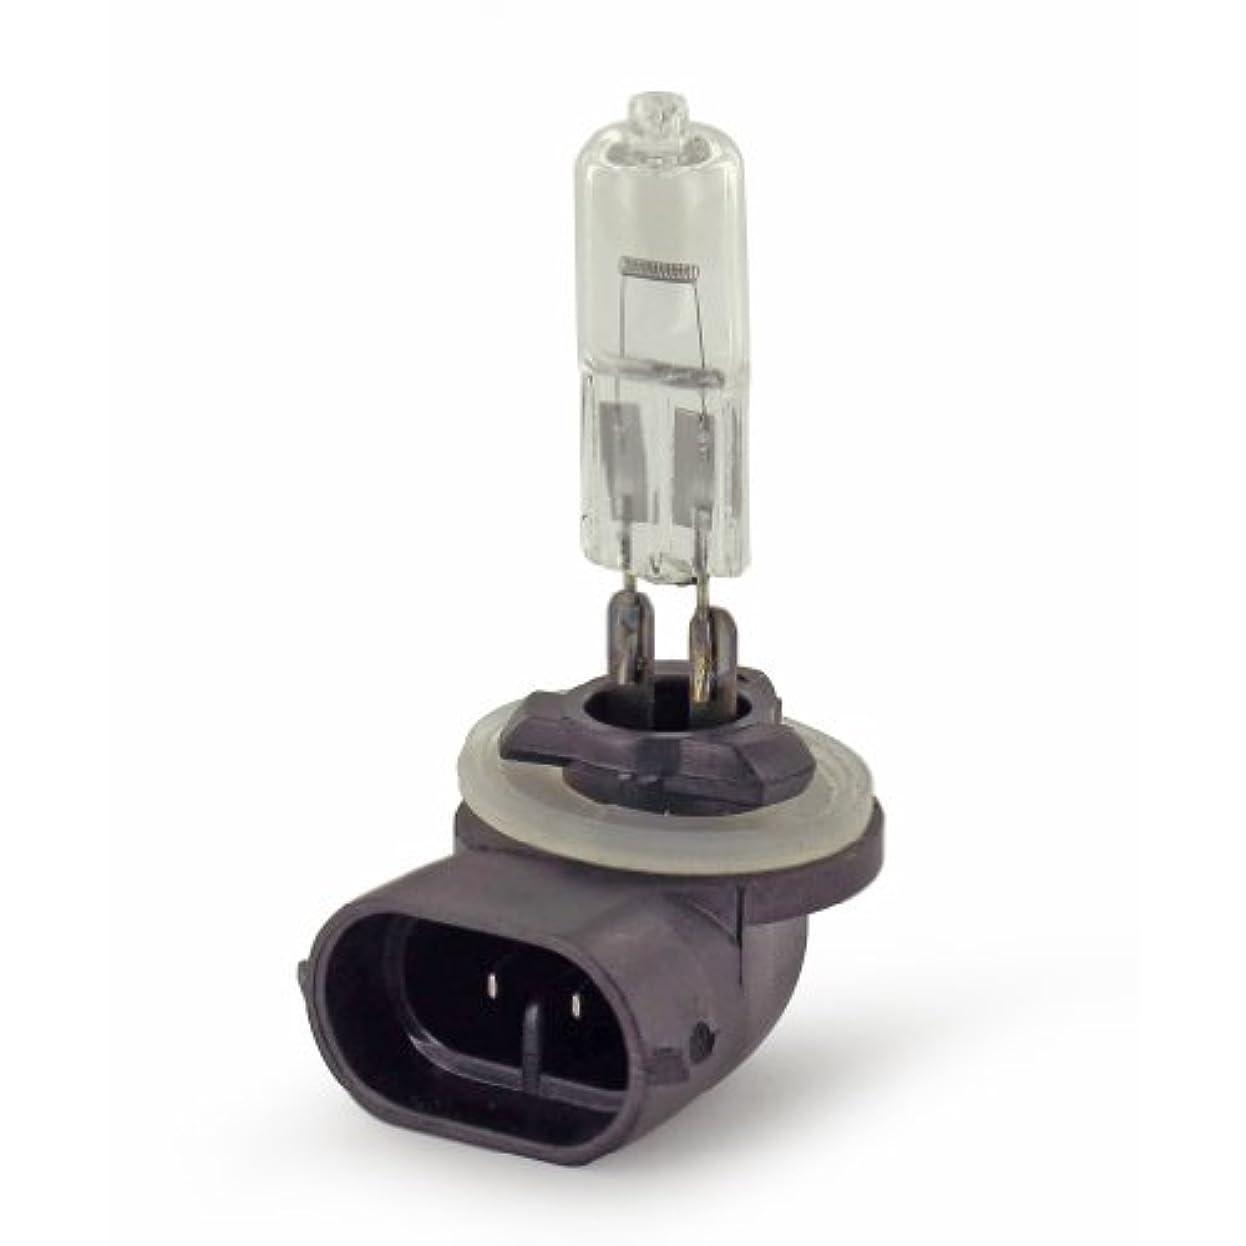 圧倒する故意に風Intella 1062038 GE 894 Bulb, 12.8V, 38W by Intella Liftparts Inc.